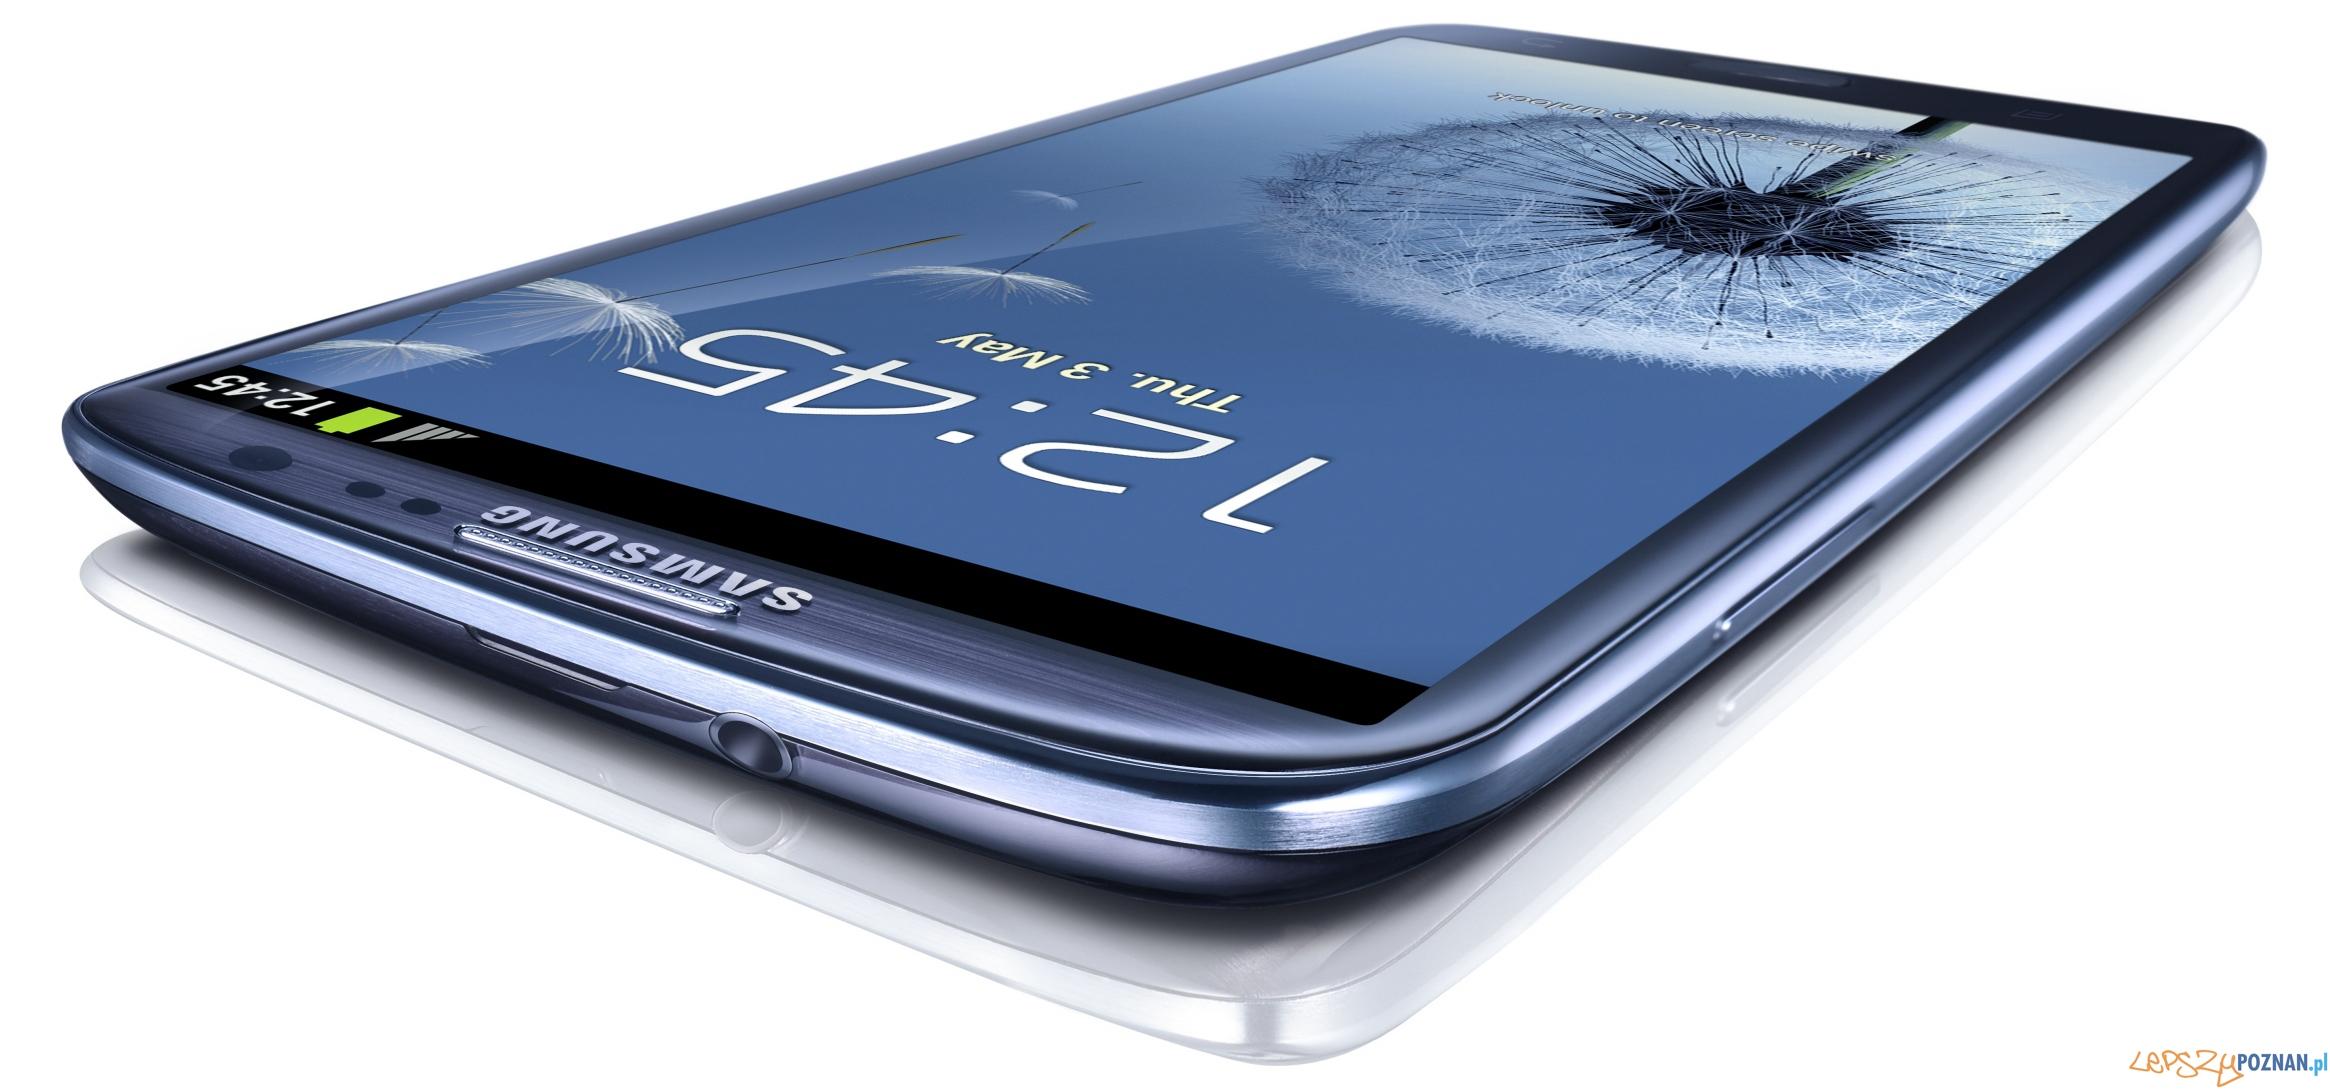 Samsung Galaxy S III  Foto: Samsung